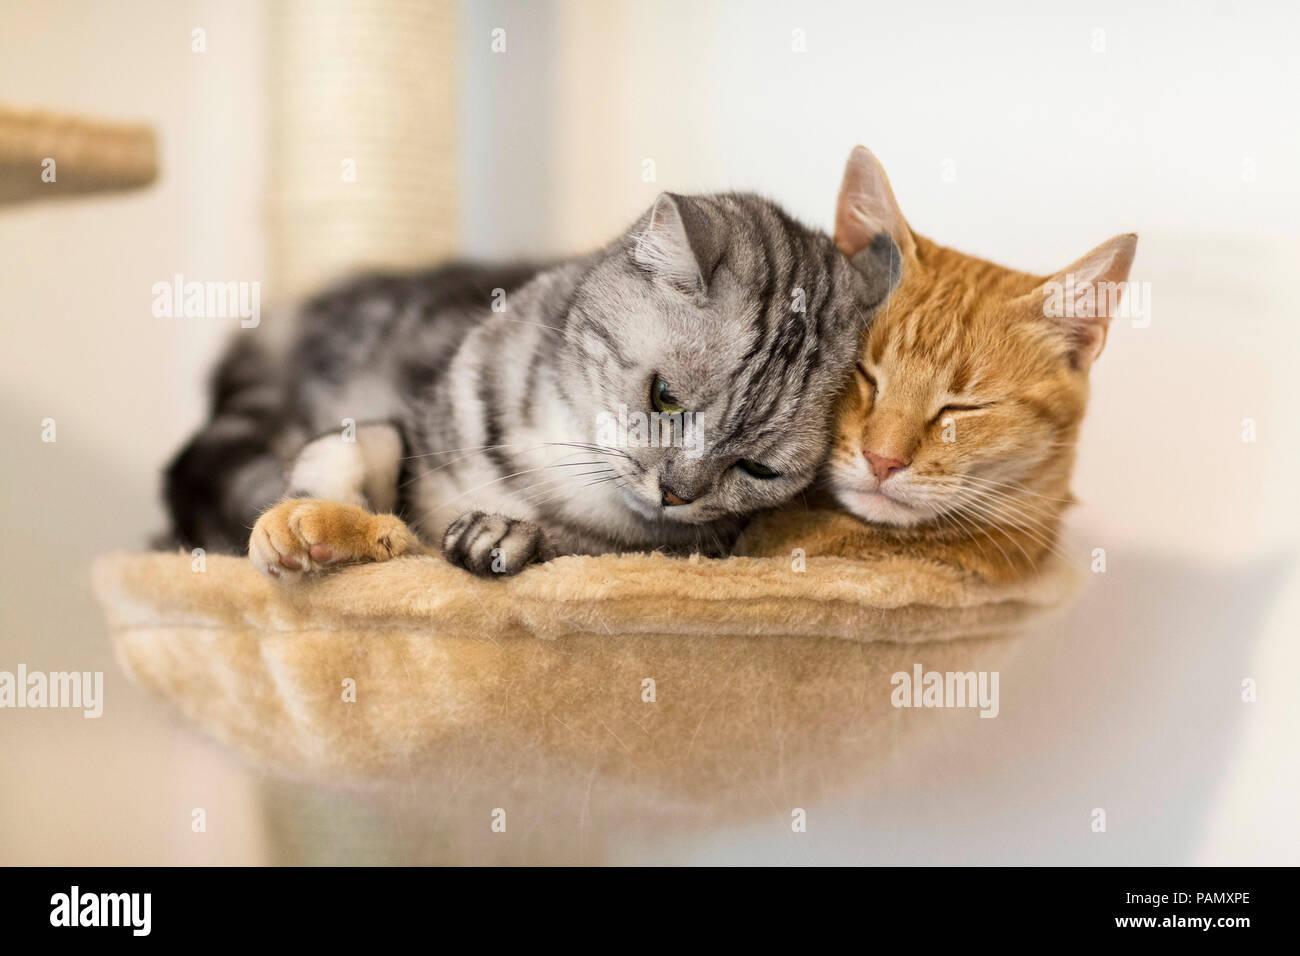 British Shorthair et chat domestique. Deux chats adultes couché à côté de l'autre sur un lit pour animaux de compagnie. L'Allemagne . Photo Stock